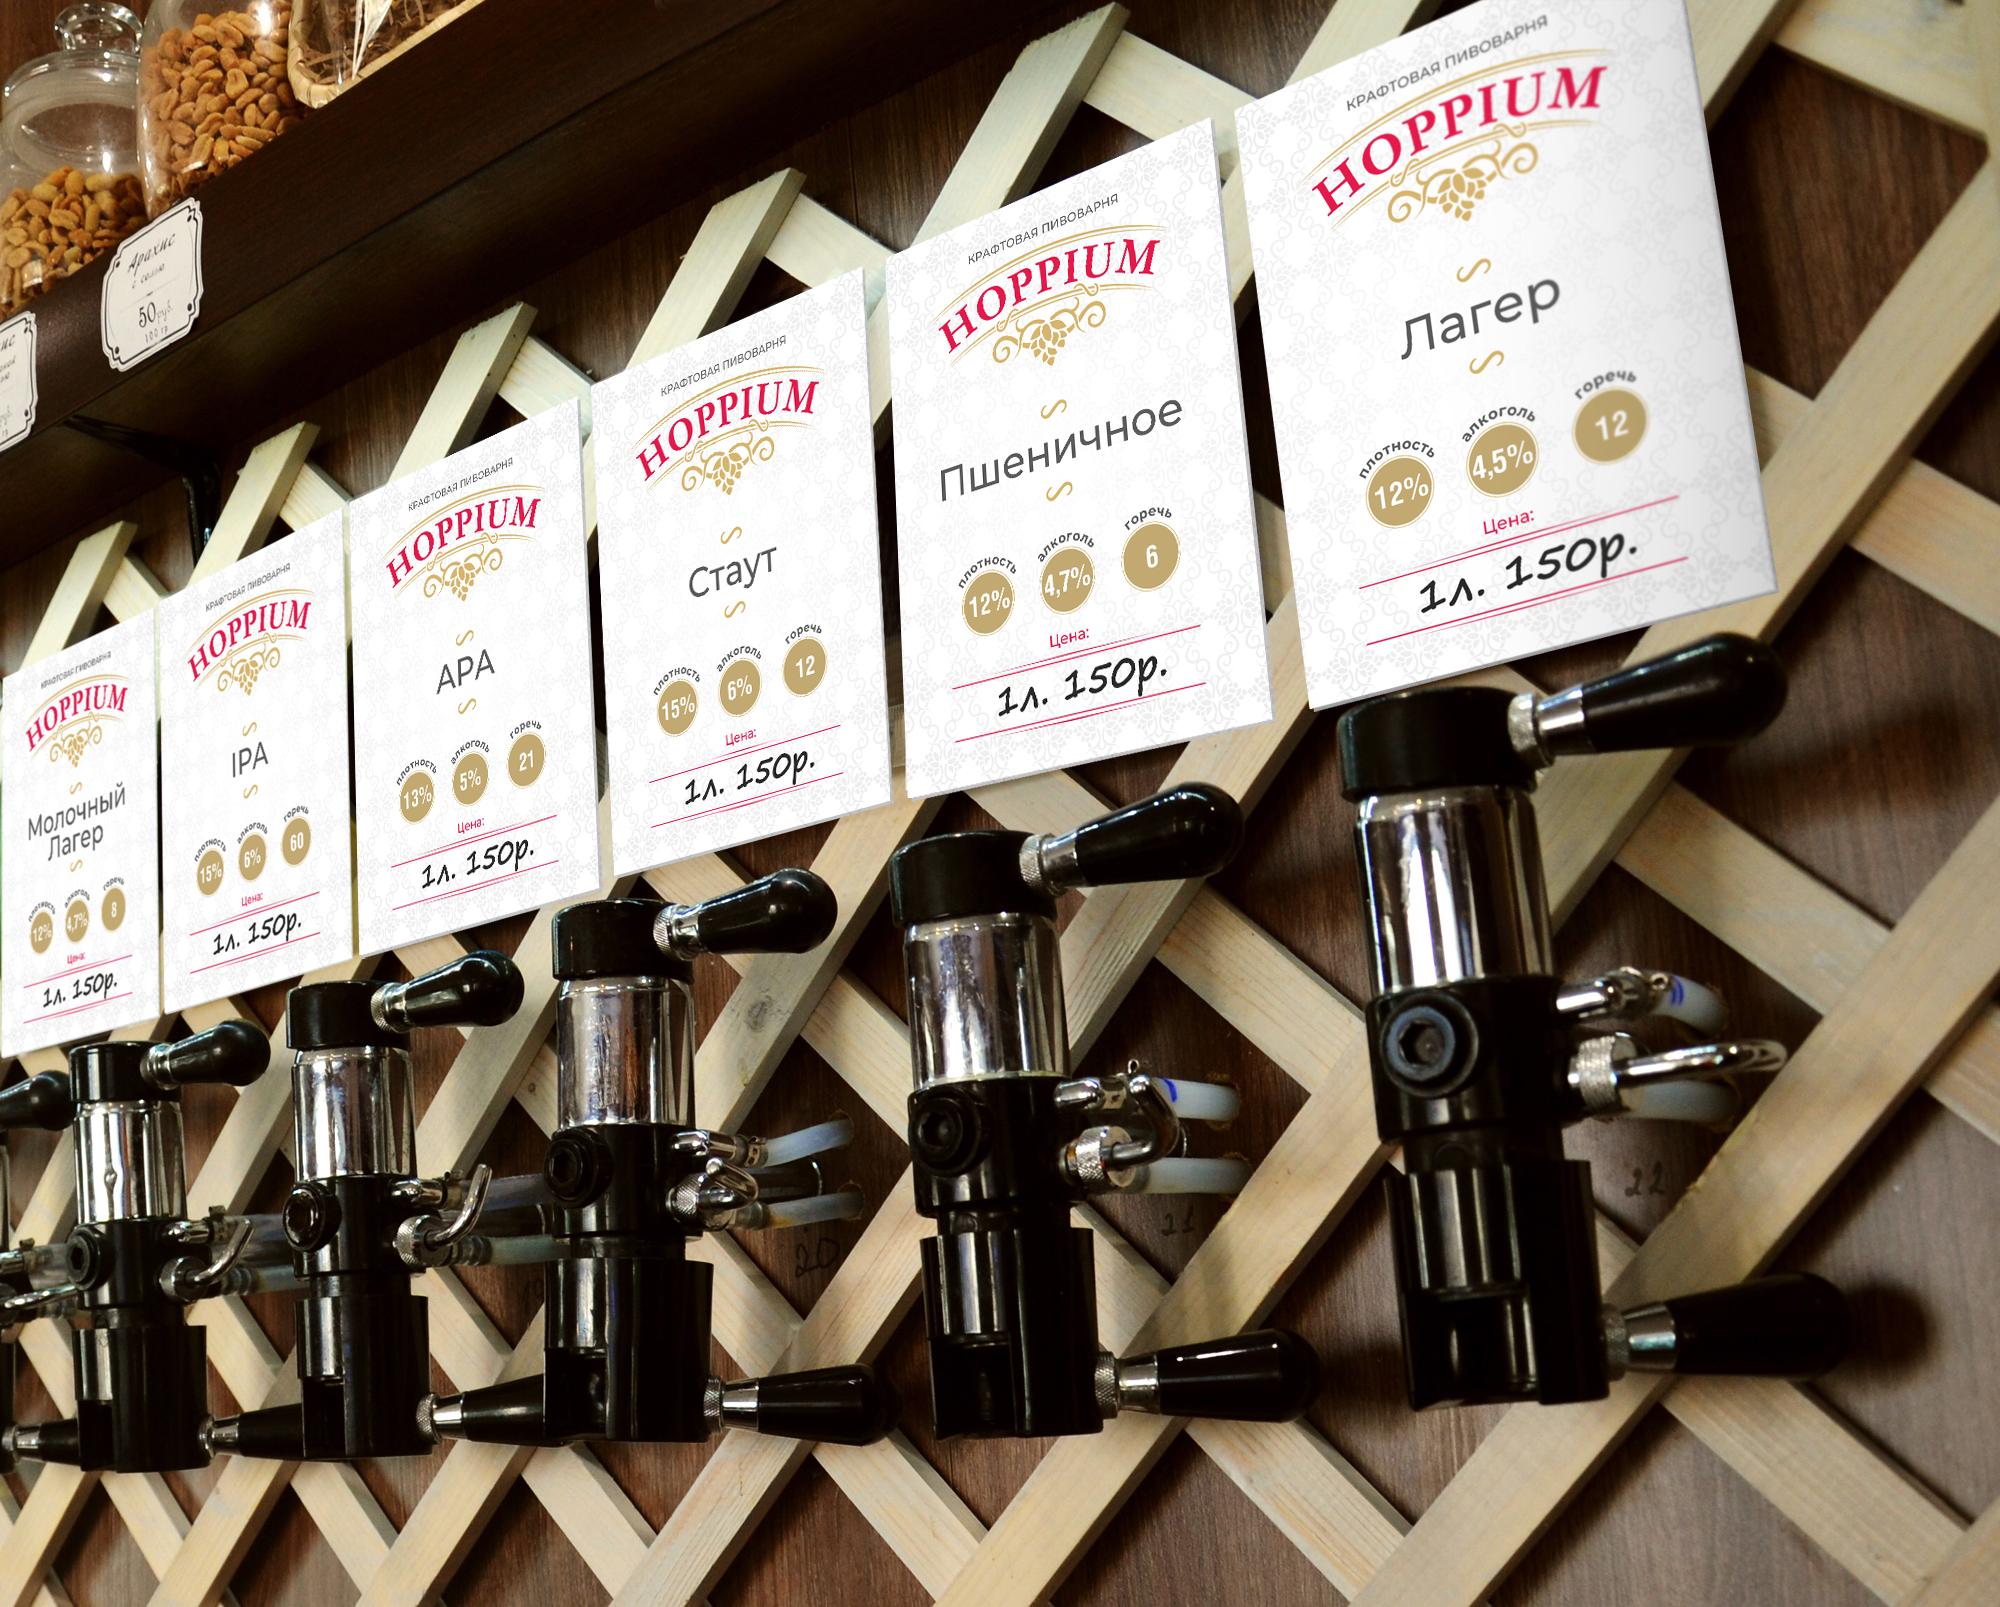 Логотип + Ценники для подмосковной крафтовой пивоварни фото f_6715dc02c24e3890.jpg